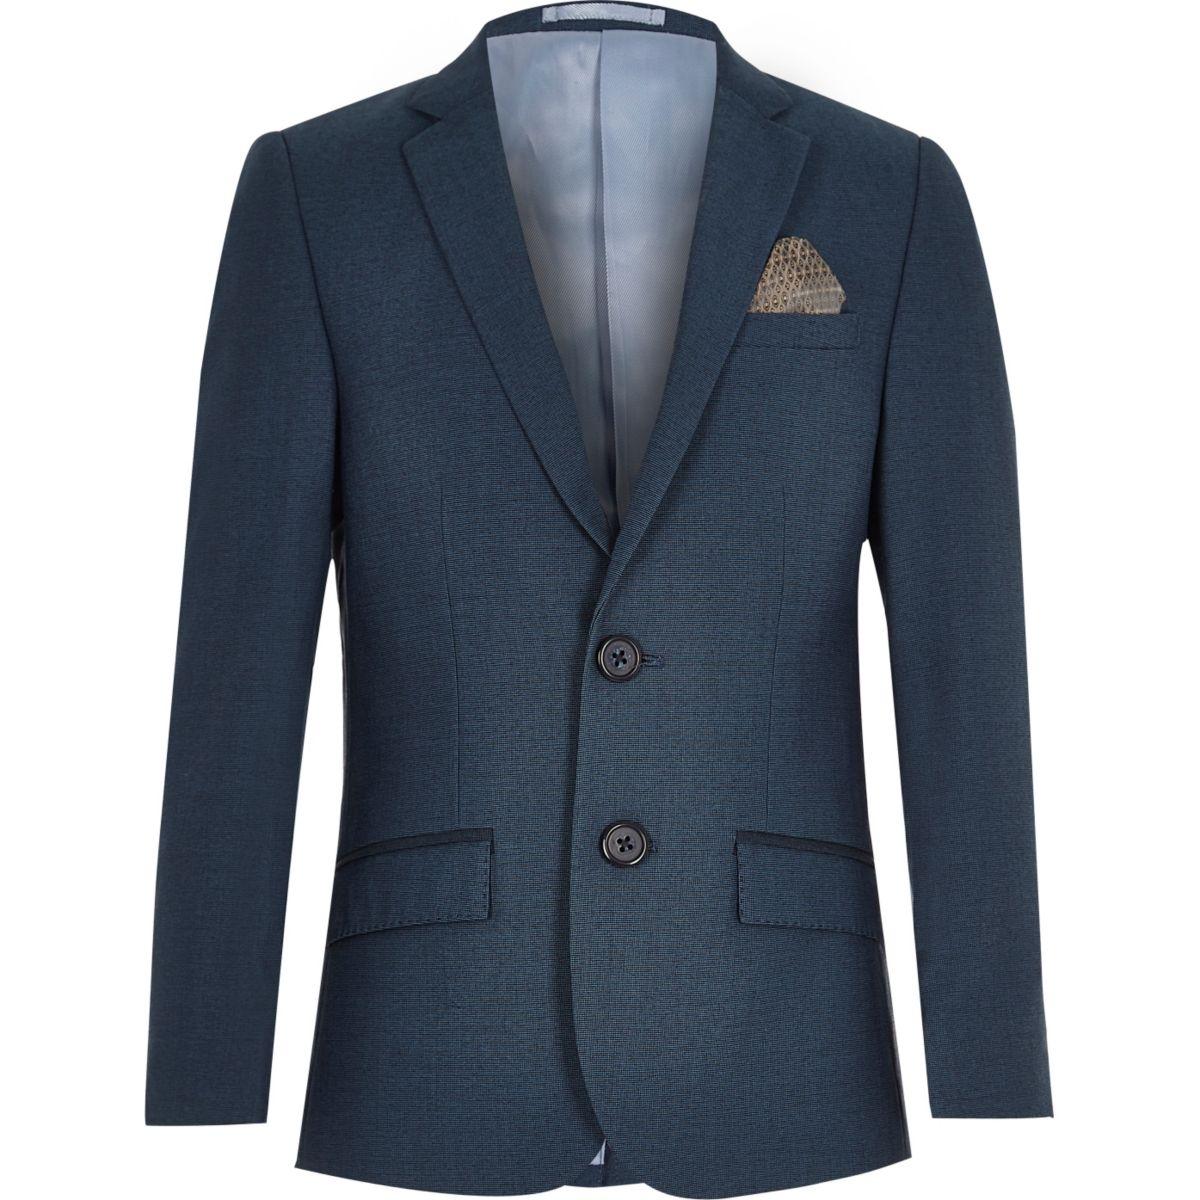 veste de costume bleu p trole pour gar on offres de saison promo gar on. Black Bedroom Furniture Sets. Home Design Ideas